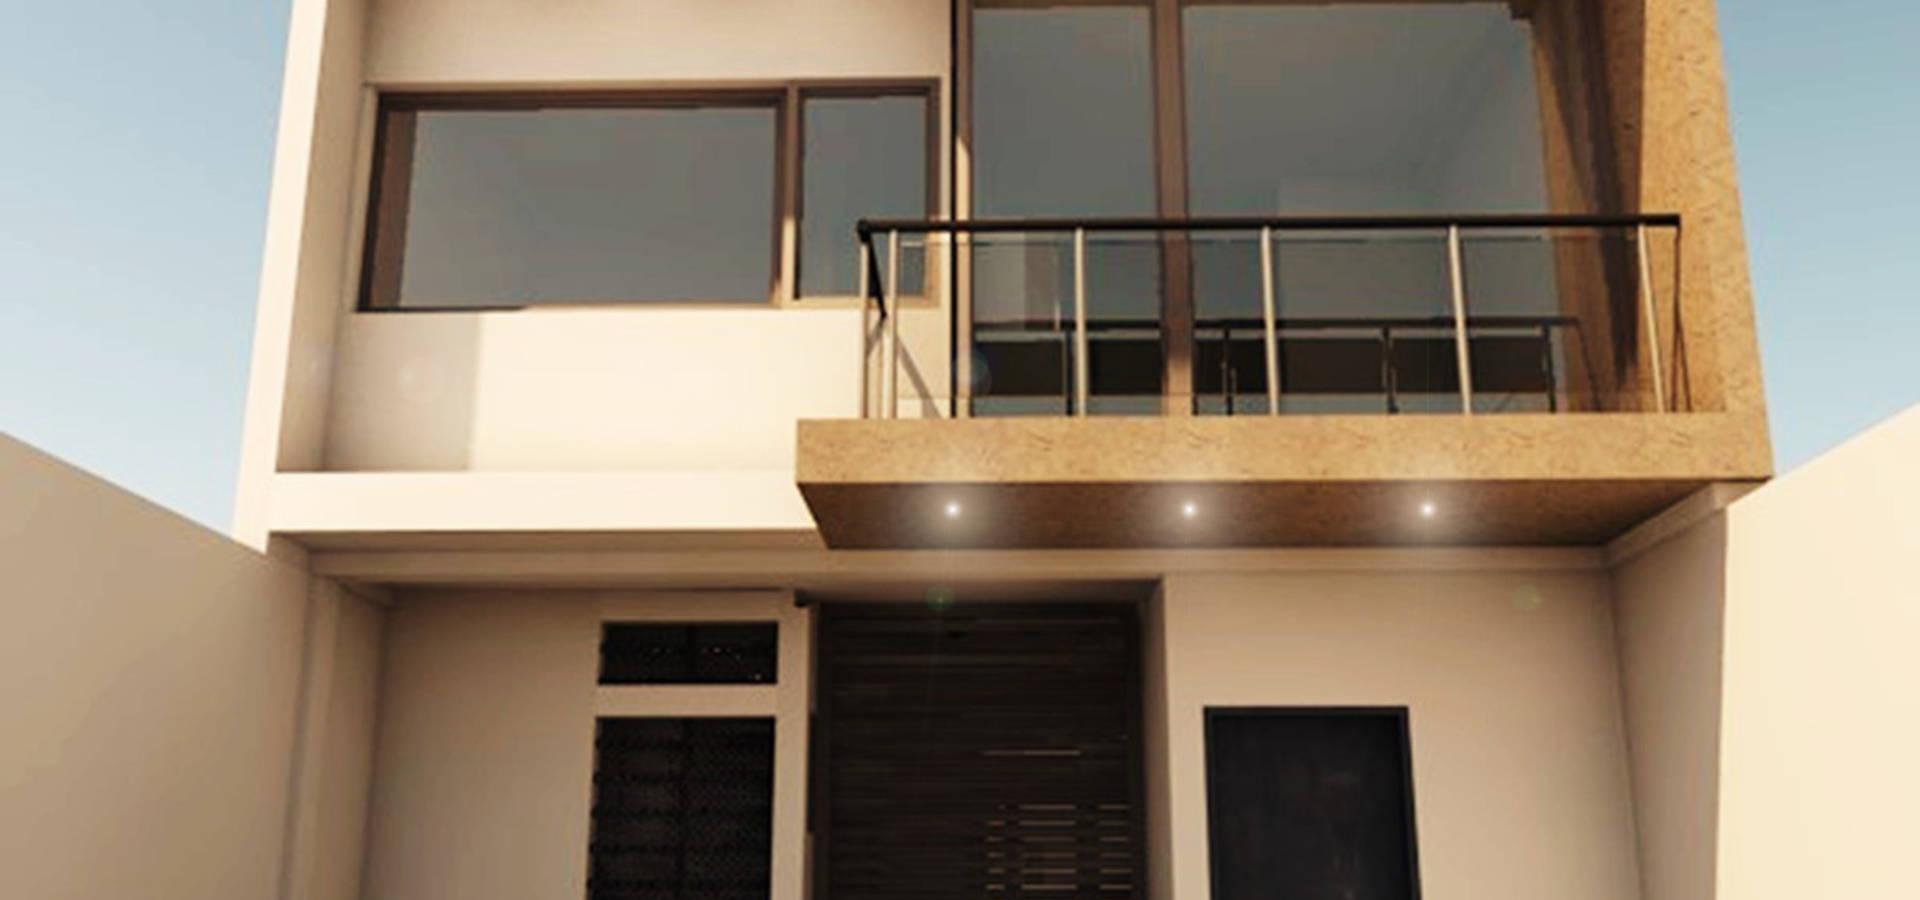 Spacio.Status/Arquitectura